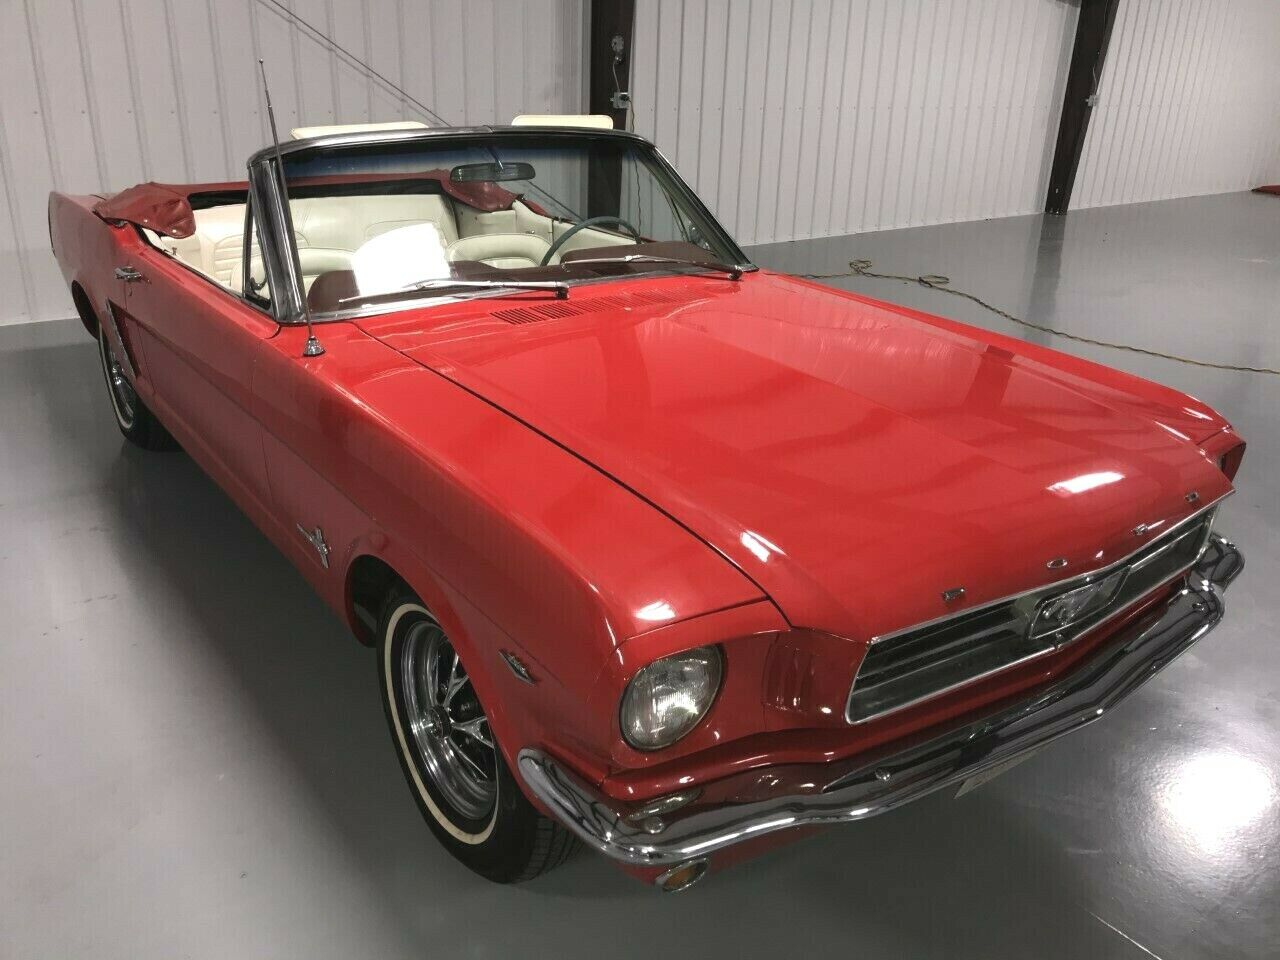 Ford Mustang Rapport expértise dispo. v8 289 1964 prix tout compris 1964